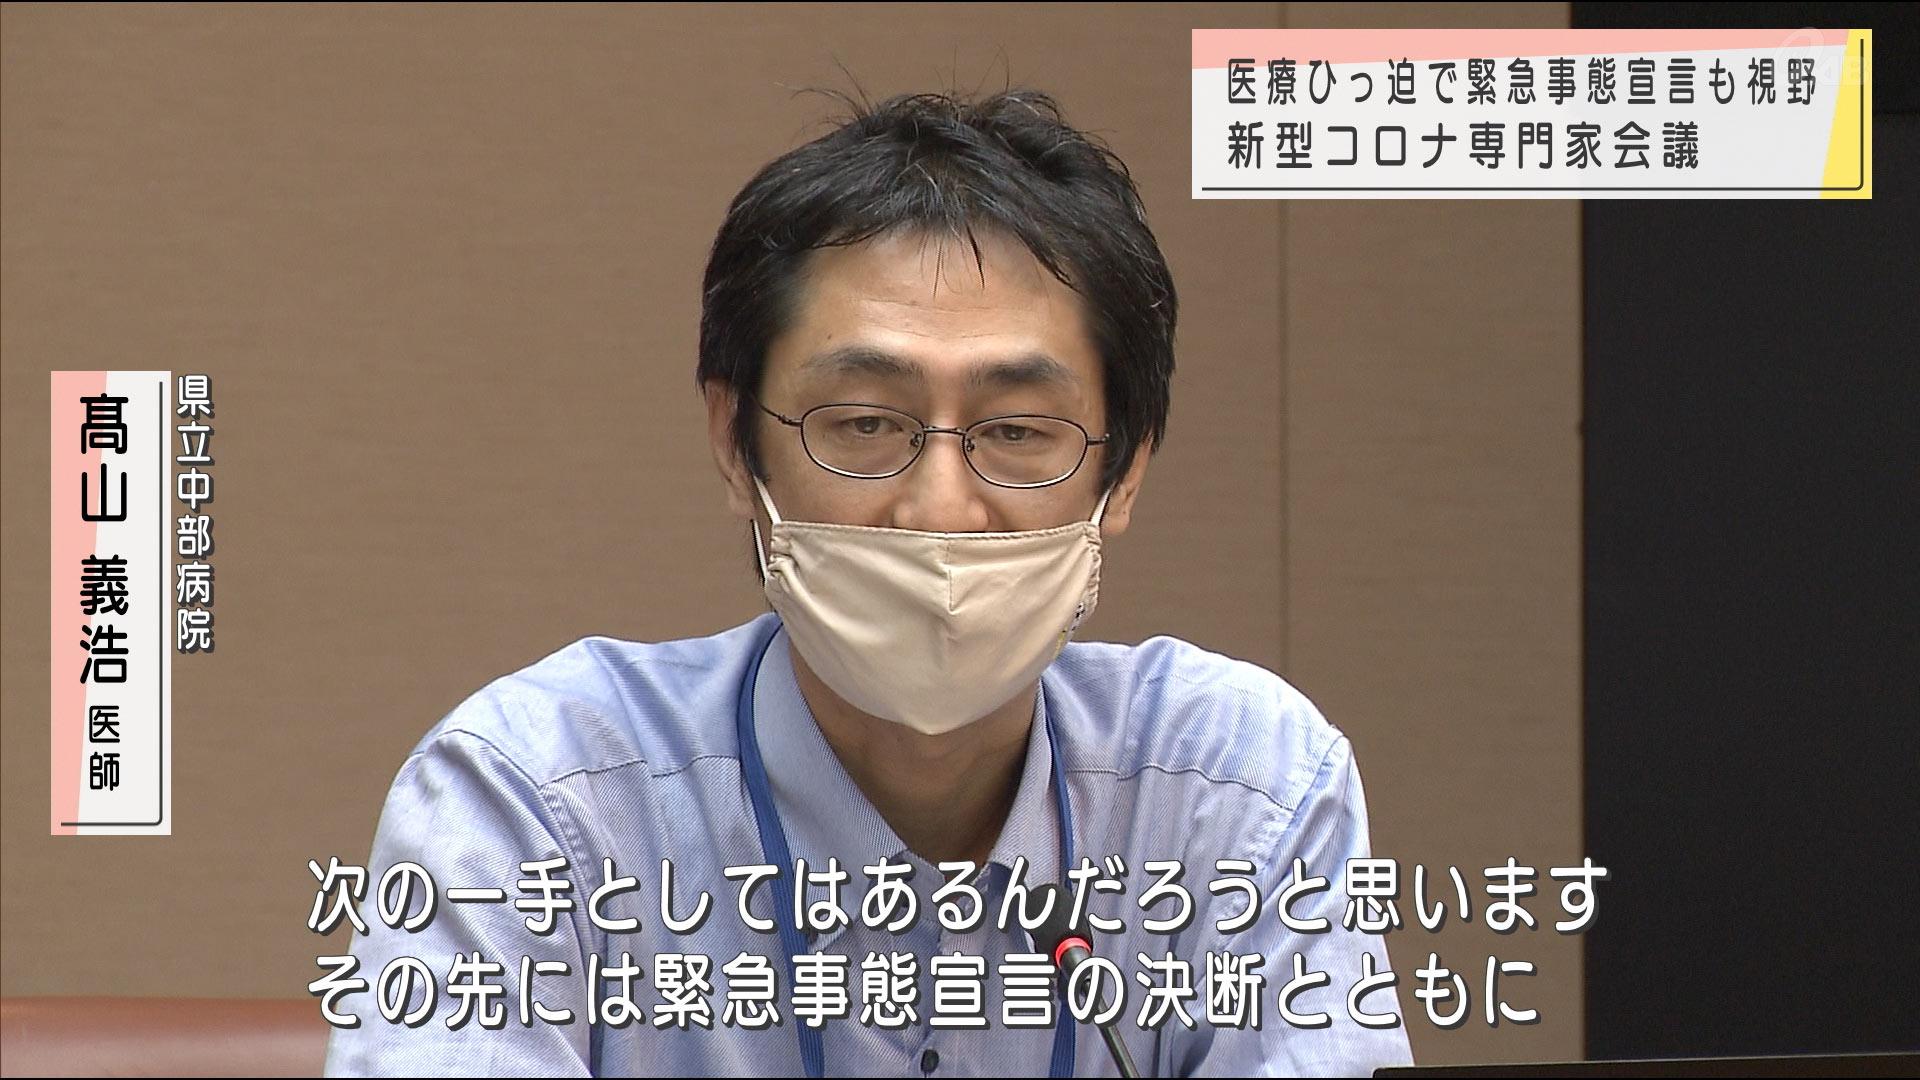 医療ひっ迫すれば緊急事態宣言も 県専門家会議